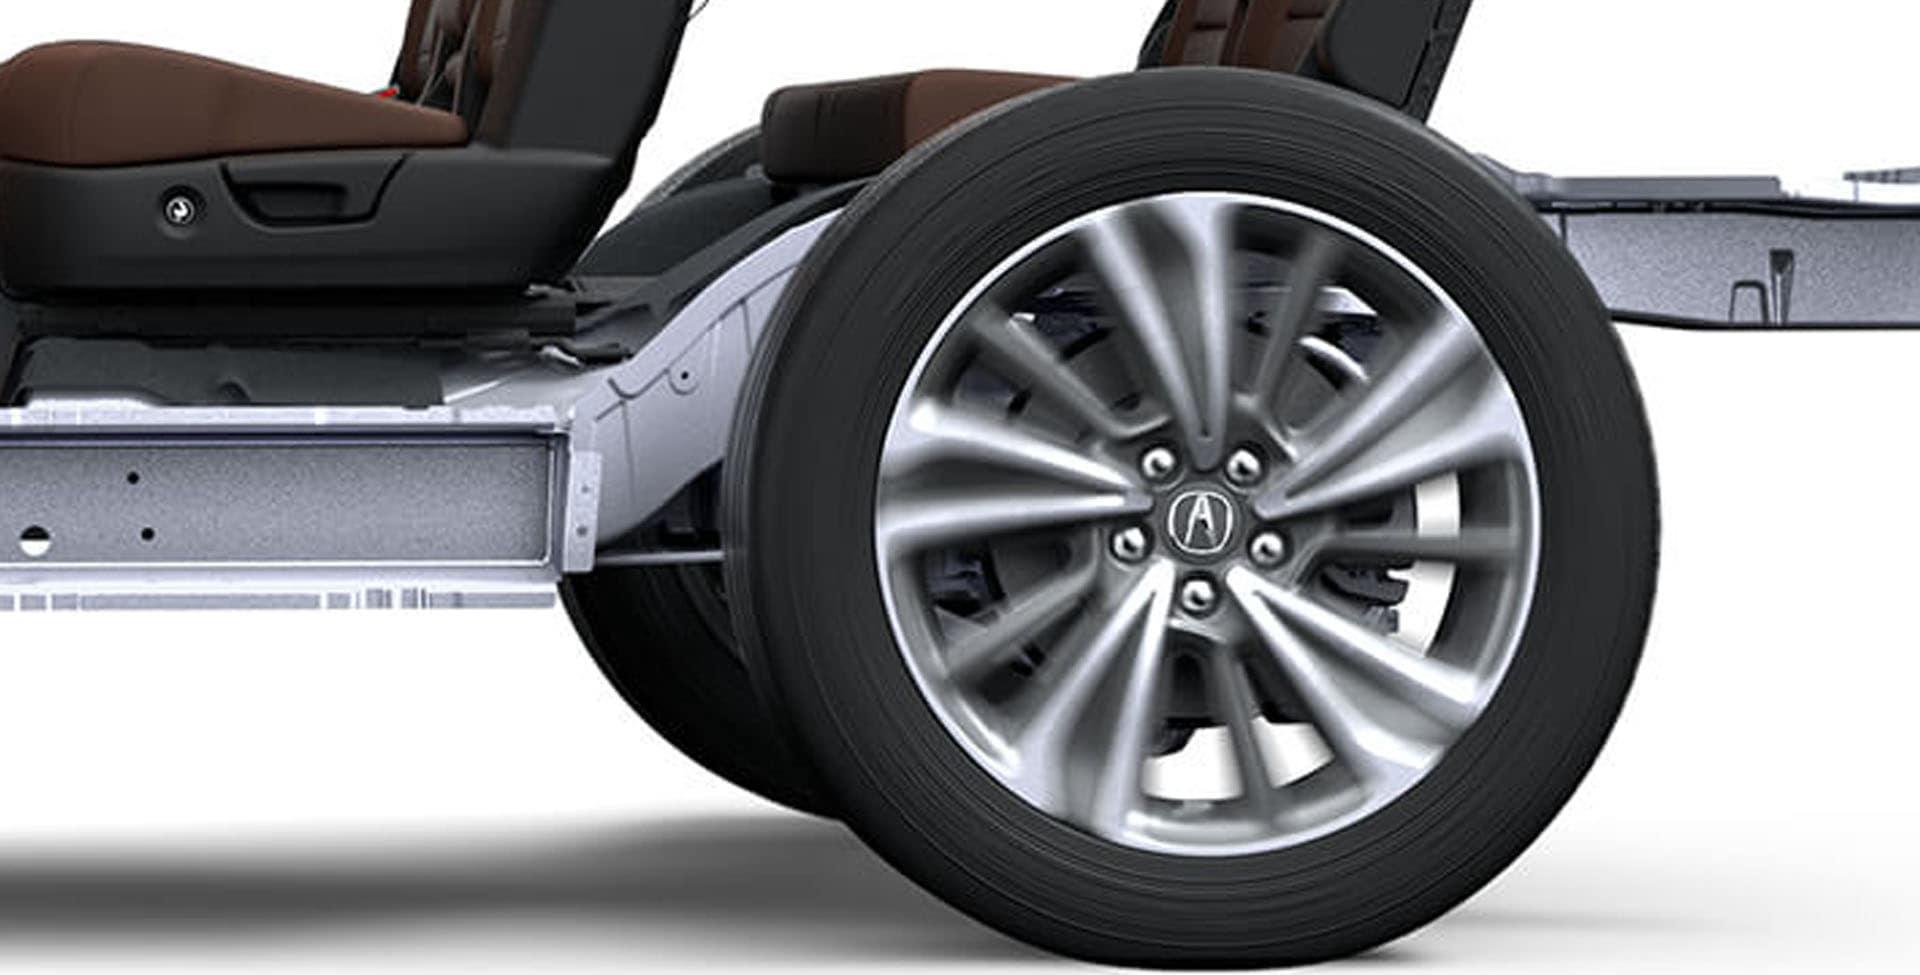 Acura MDX rear suspension